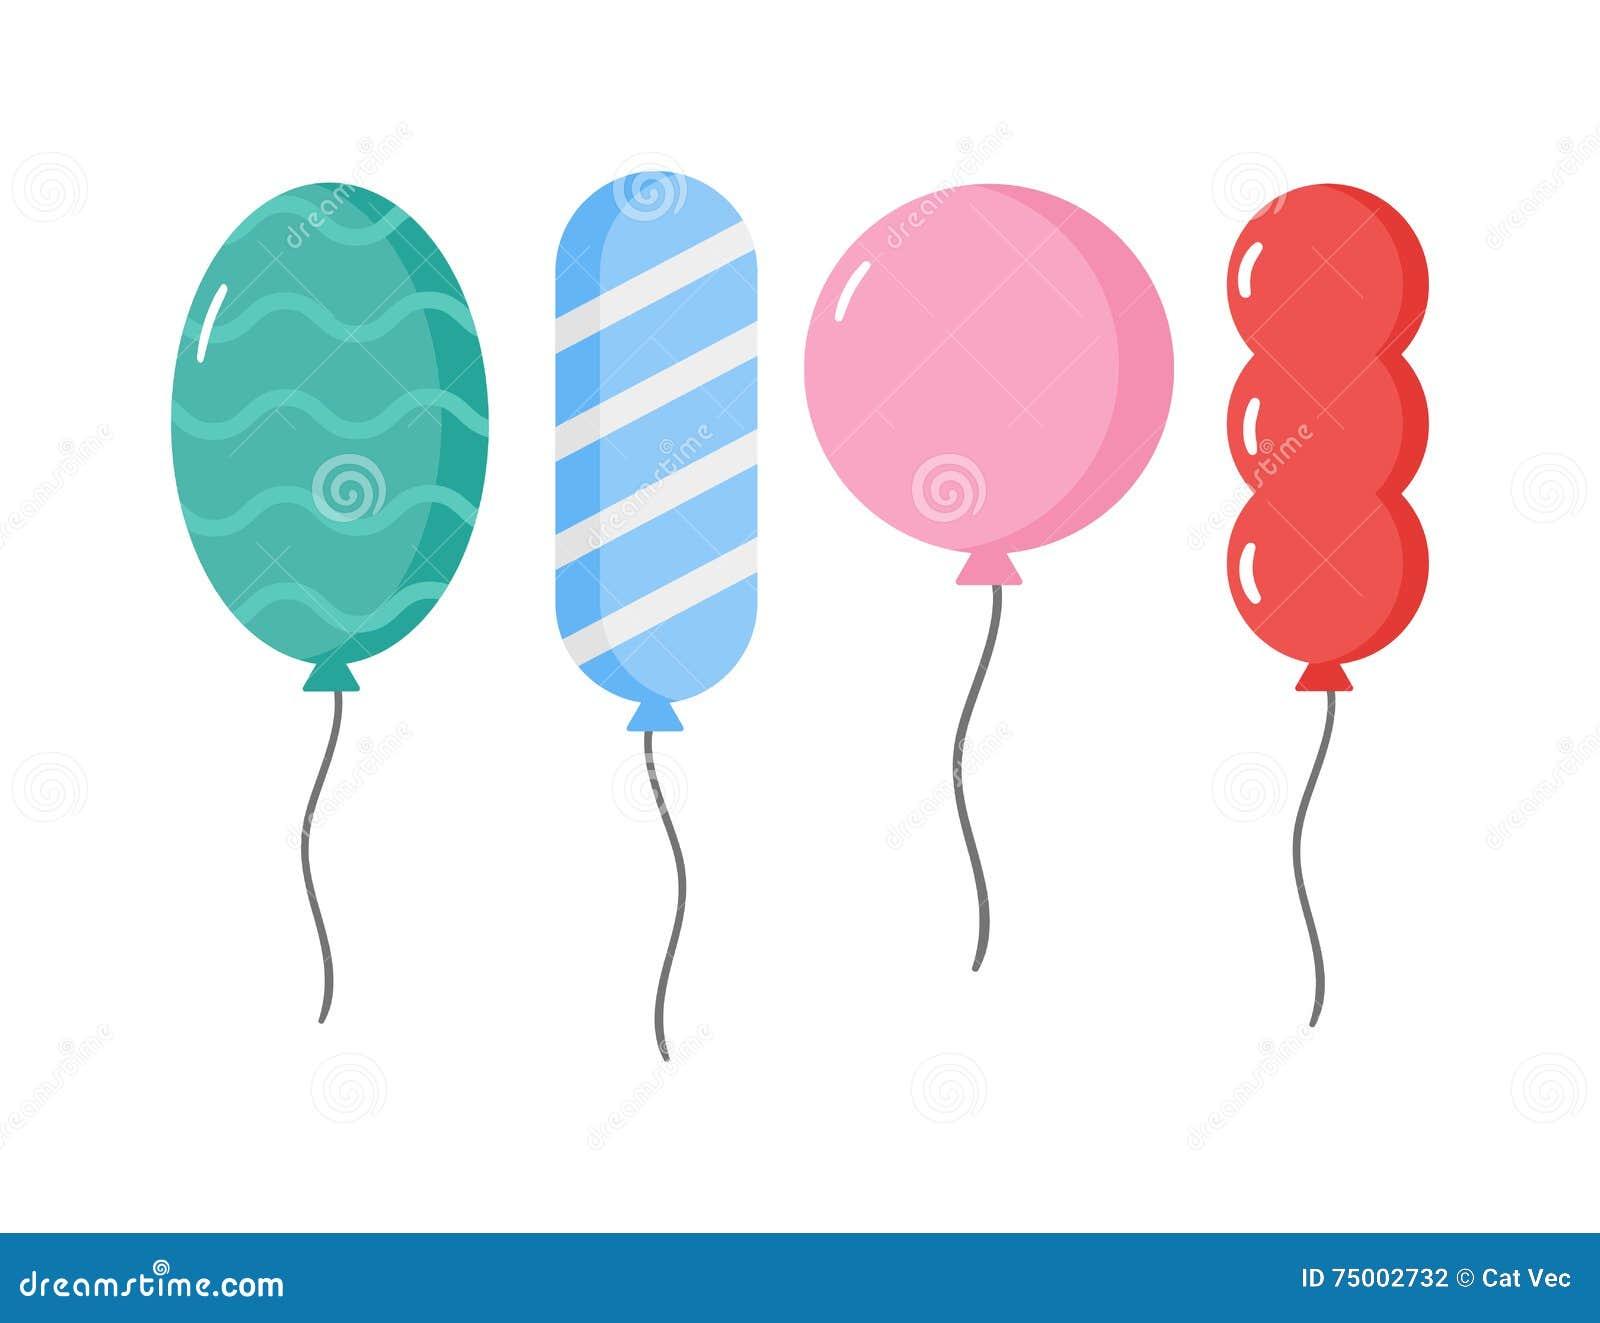 Ballons vectorillustratie